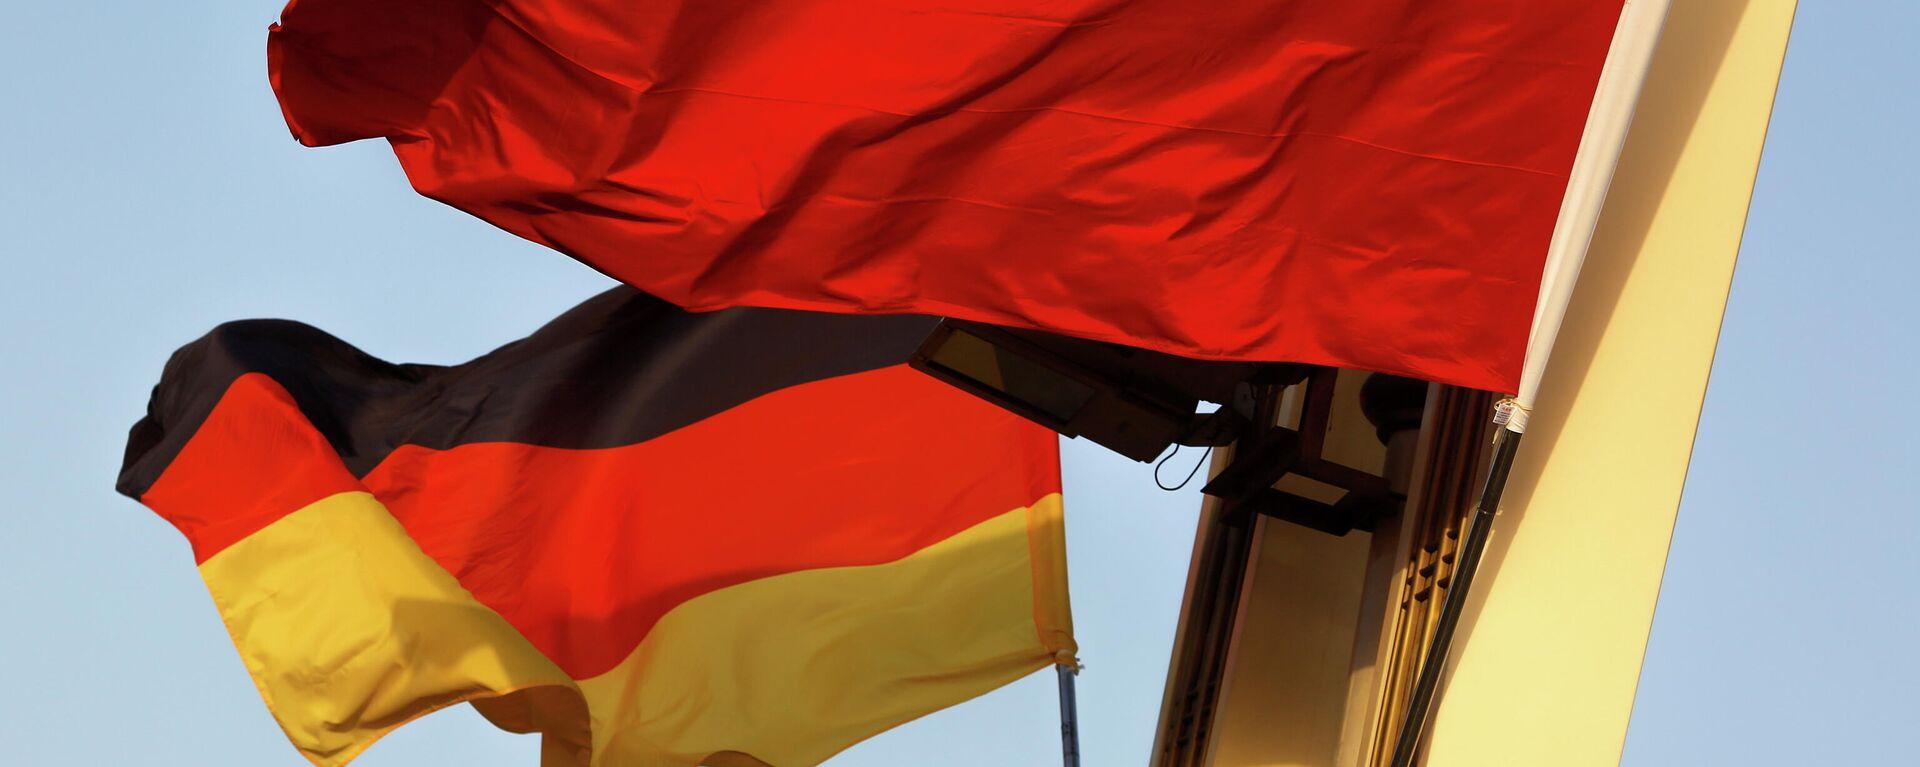 deutsch-chinesische Beziehungen (Symbolbild) - SNA, 1920, 06.07.2021